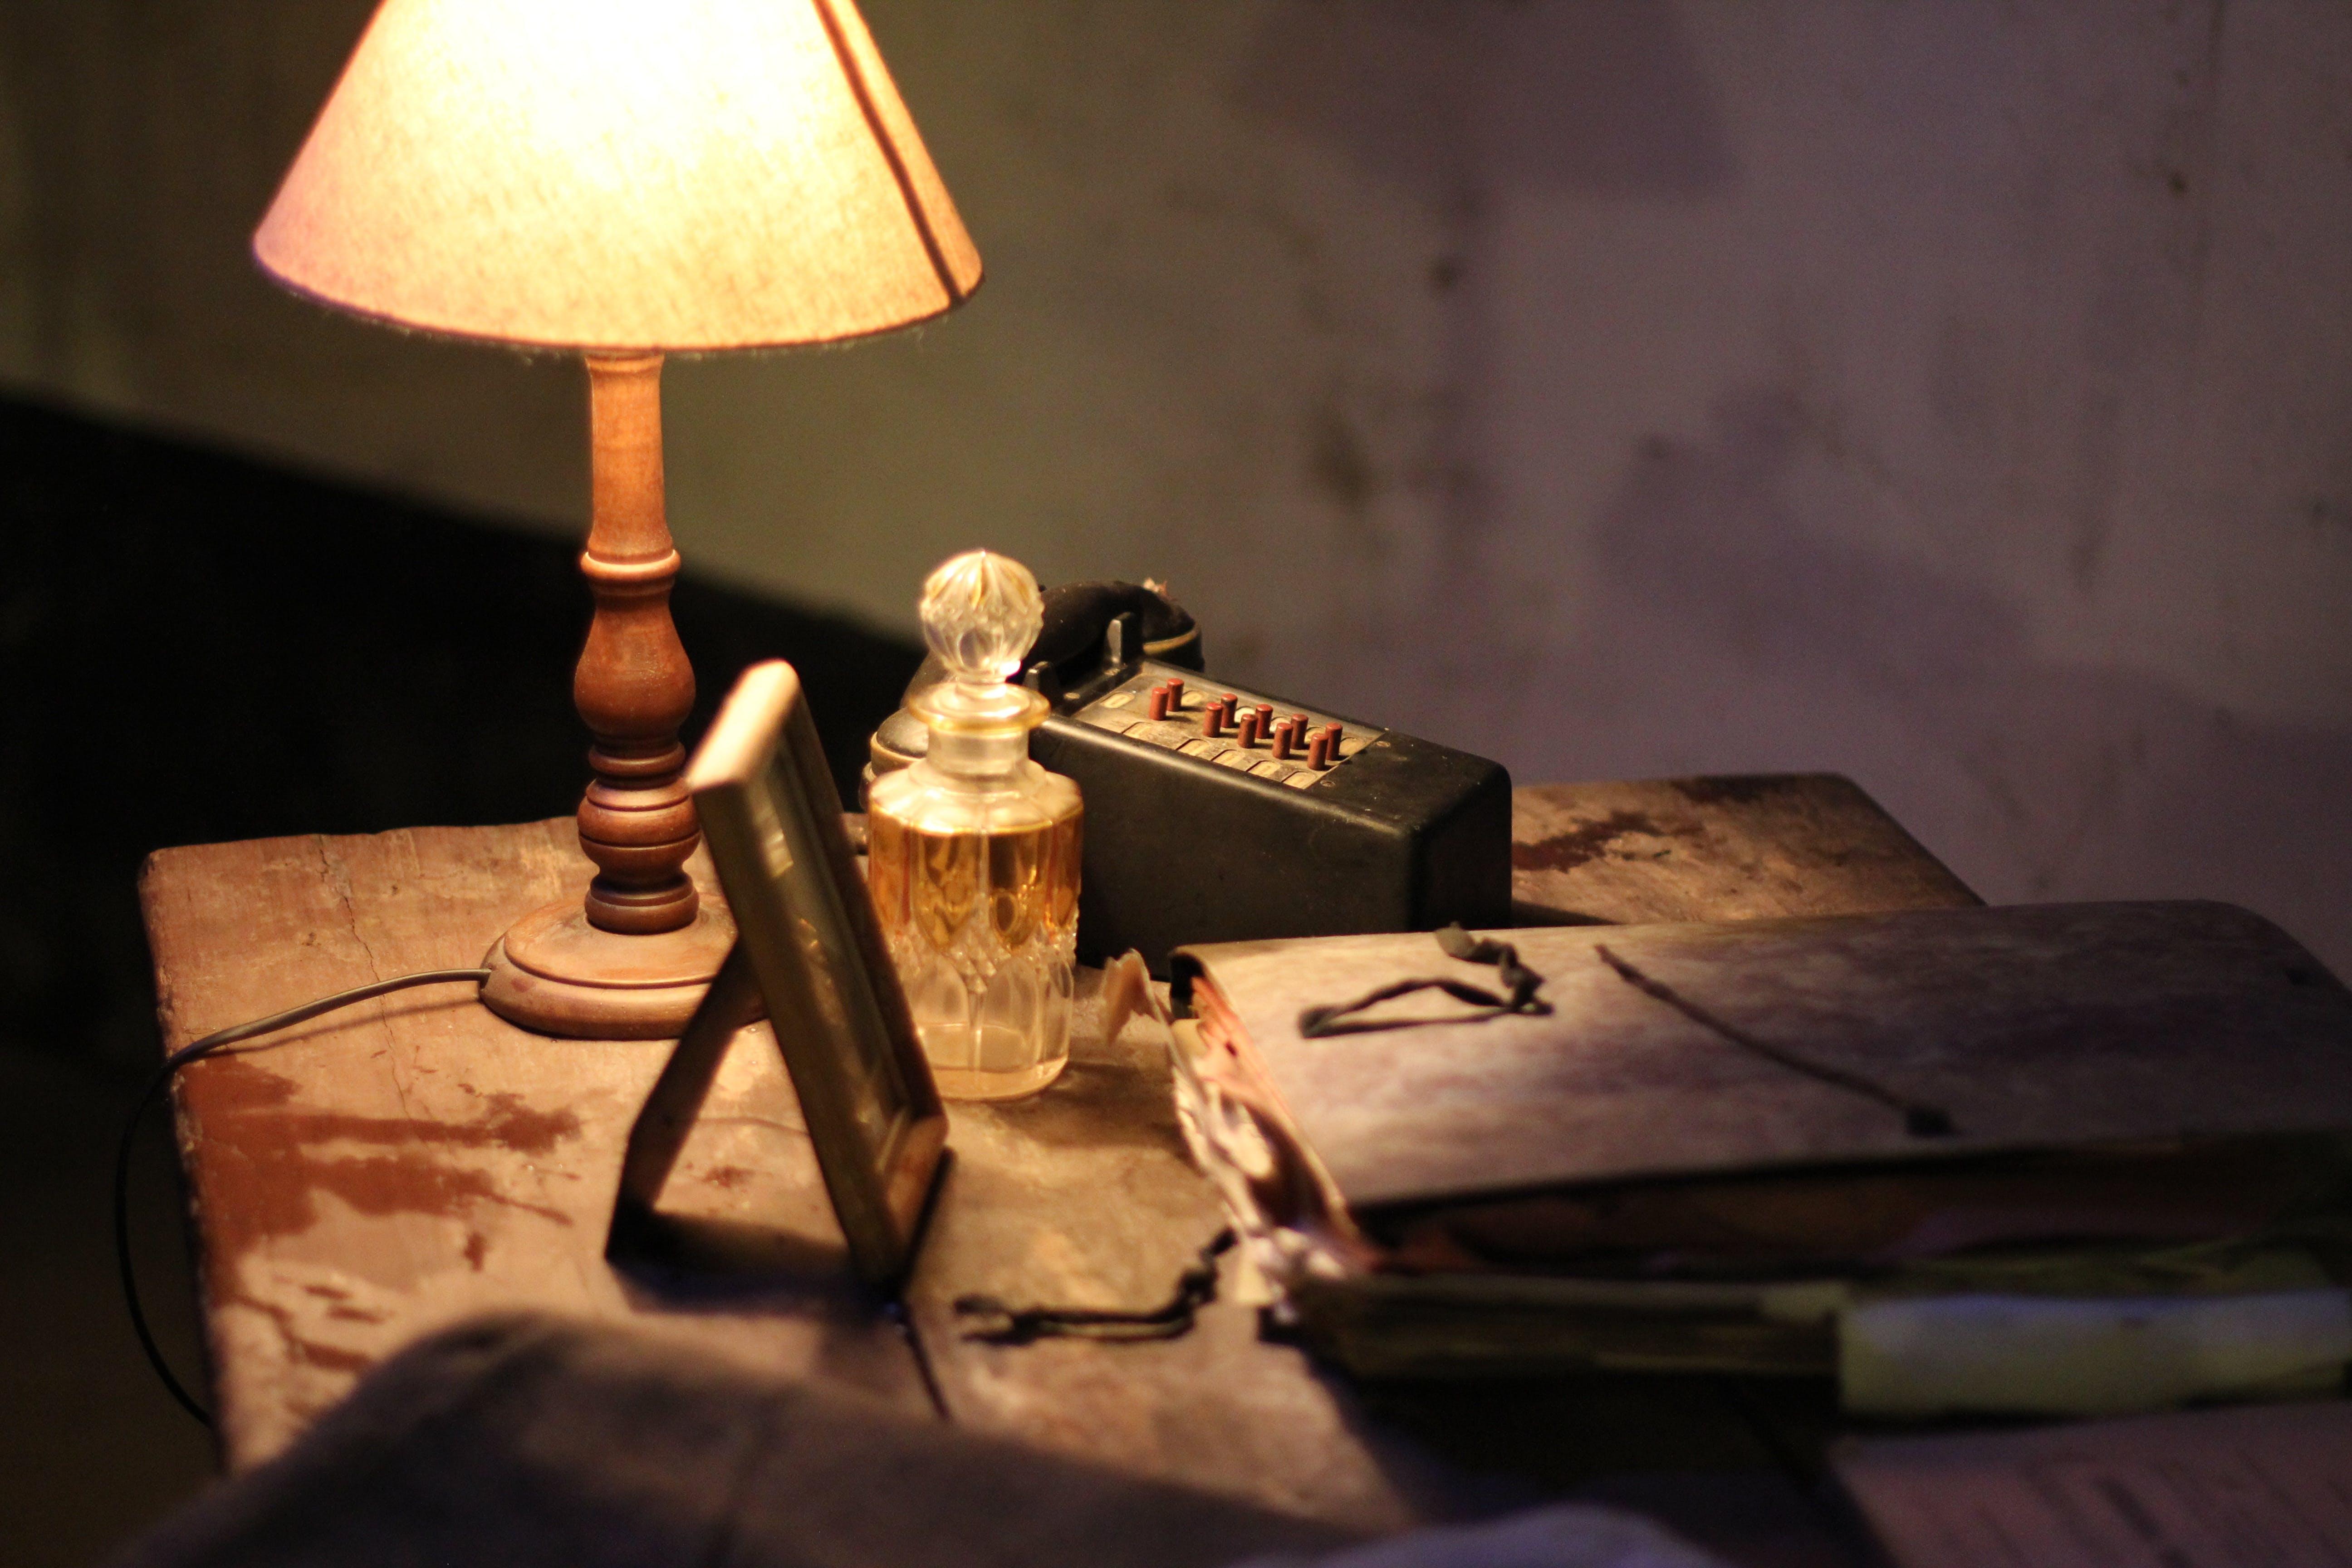 antique, book, bottle